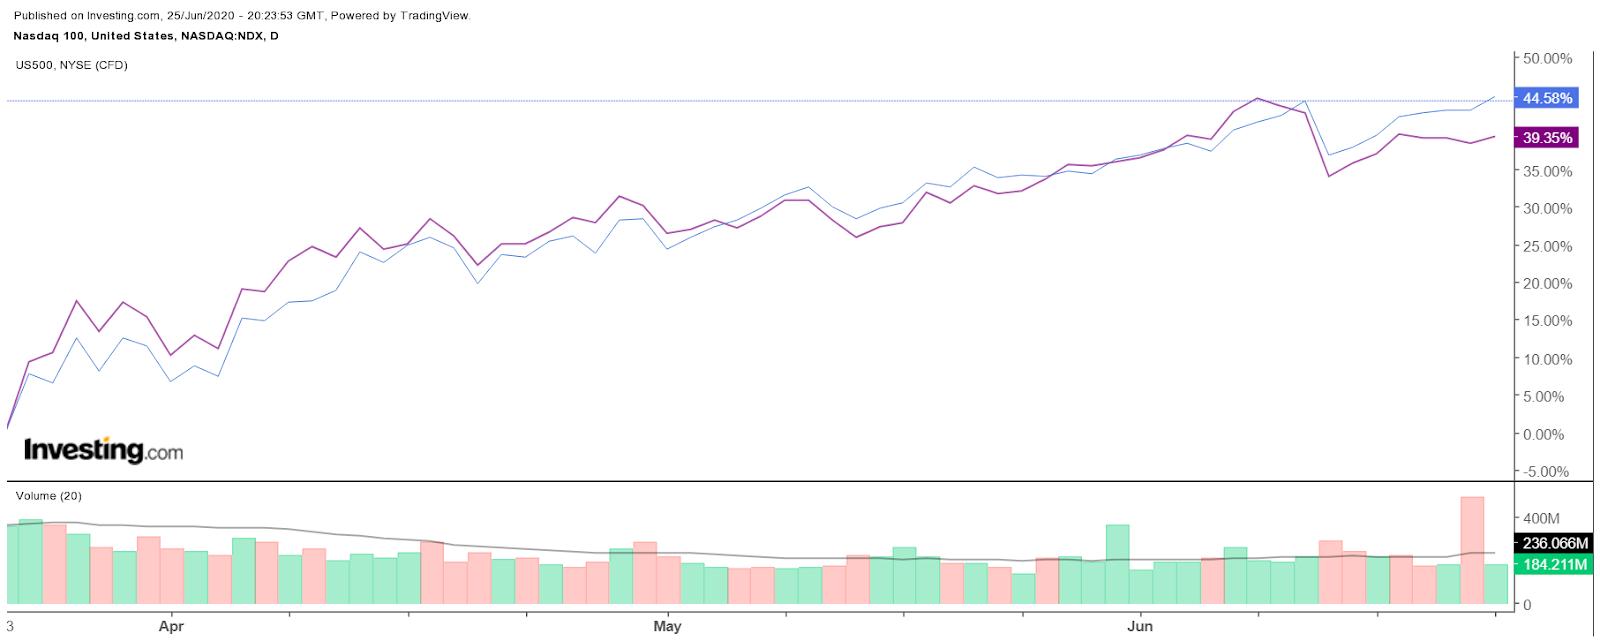 Daily NASDAQ 100 Index